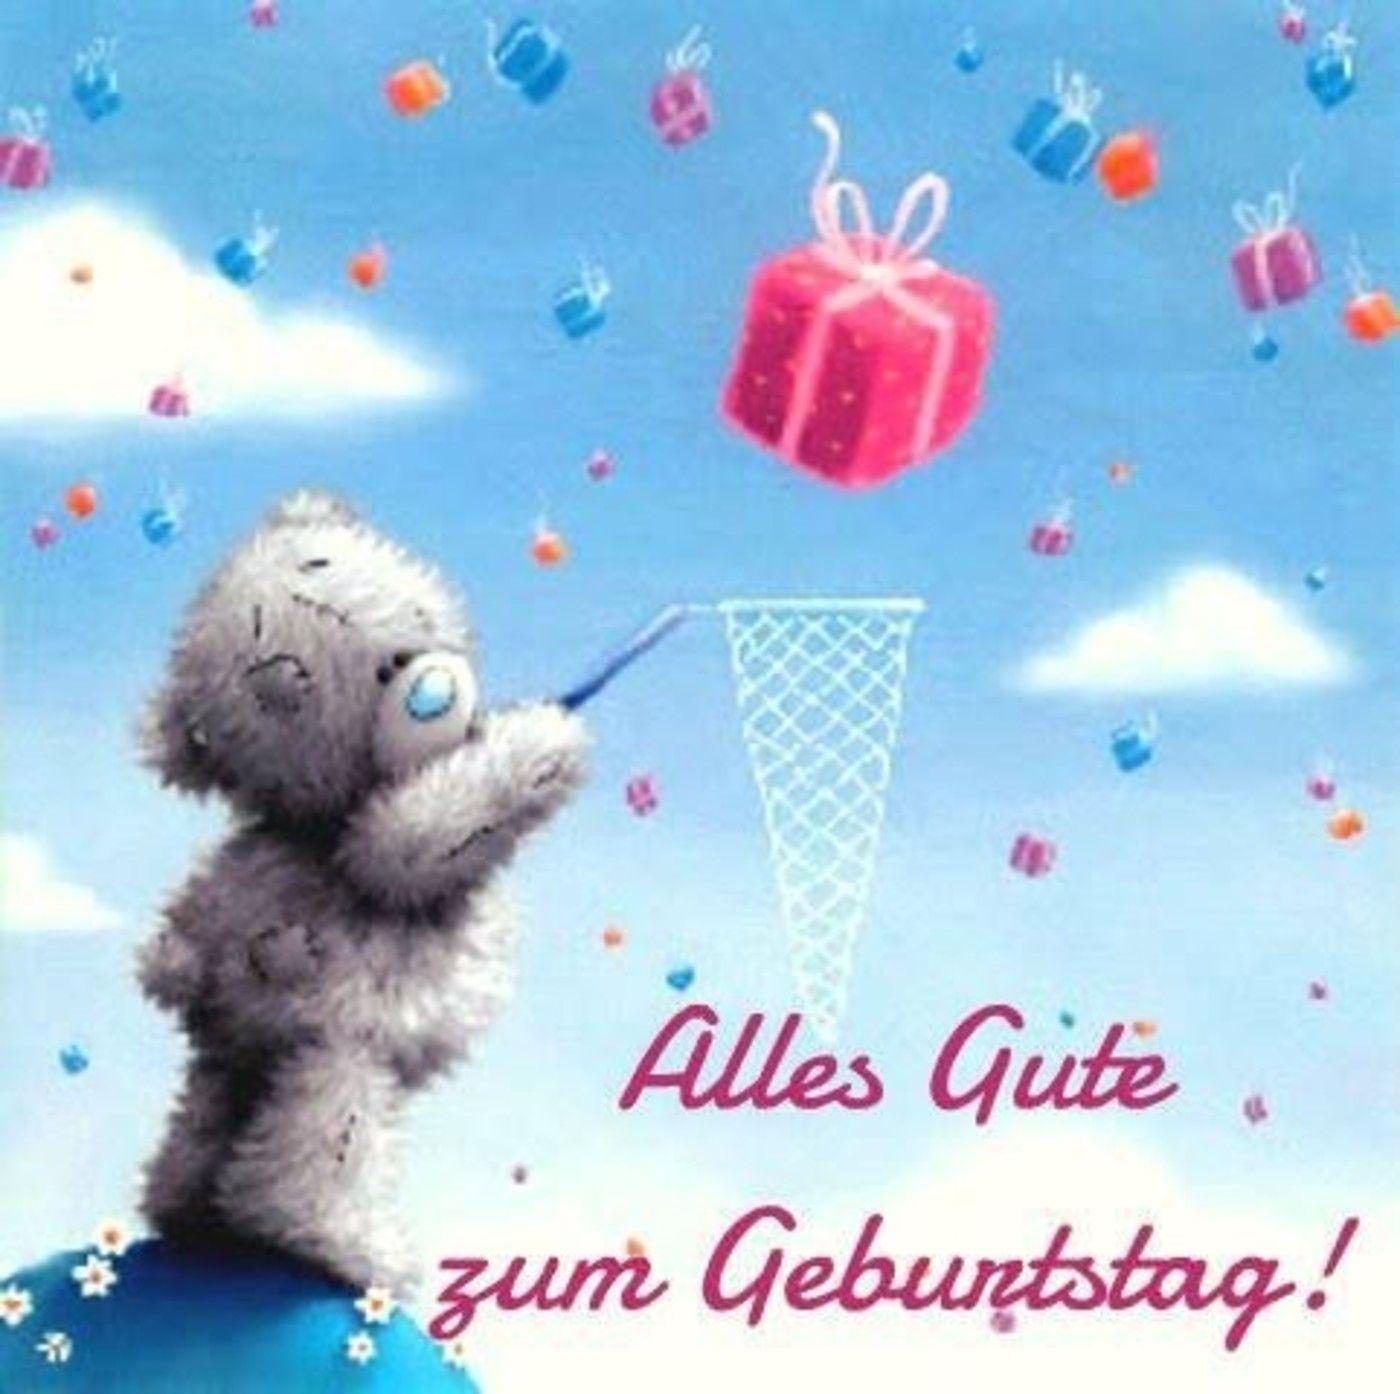 Alles Gute Zum Geburtstag 3 Alles Gute Geburtstag